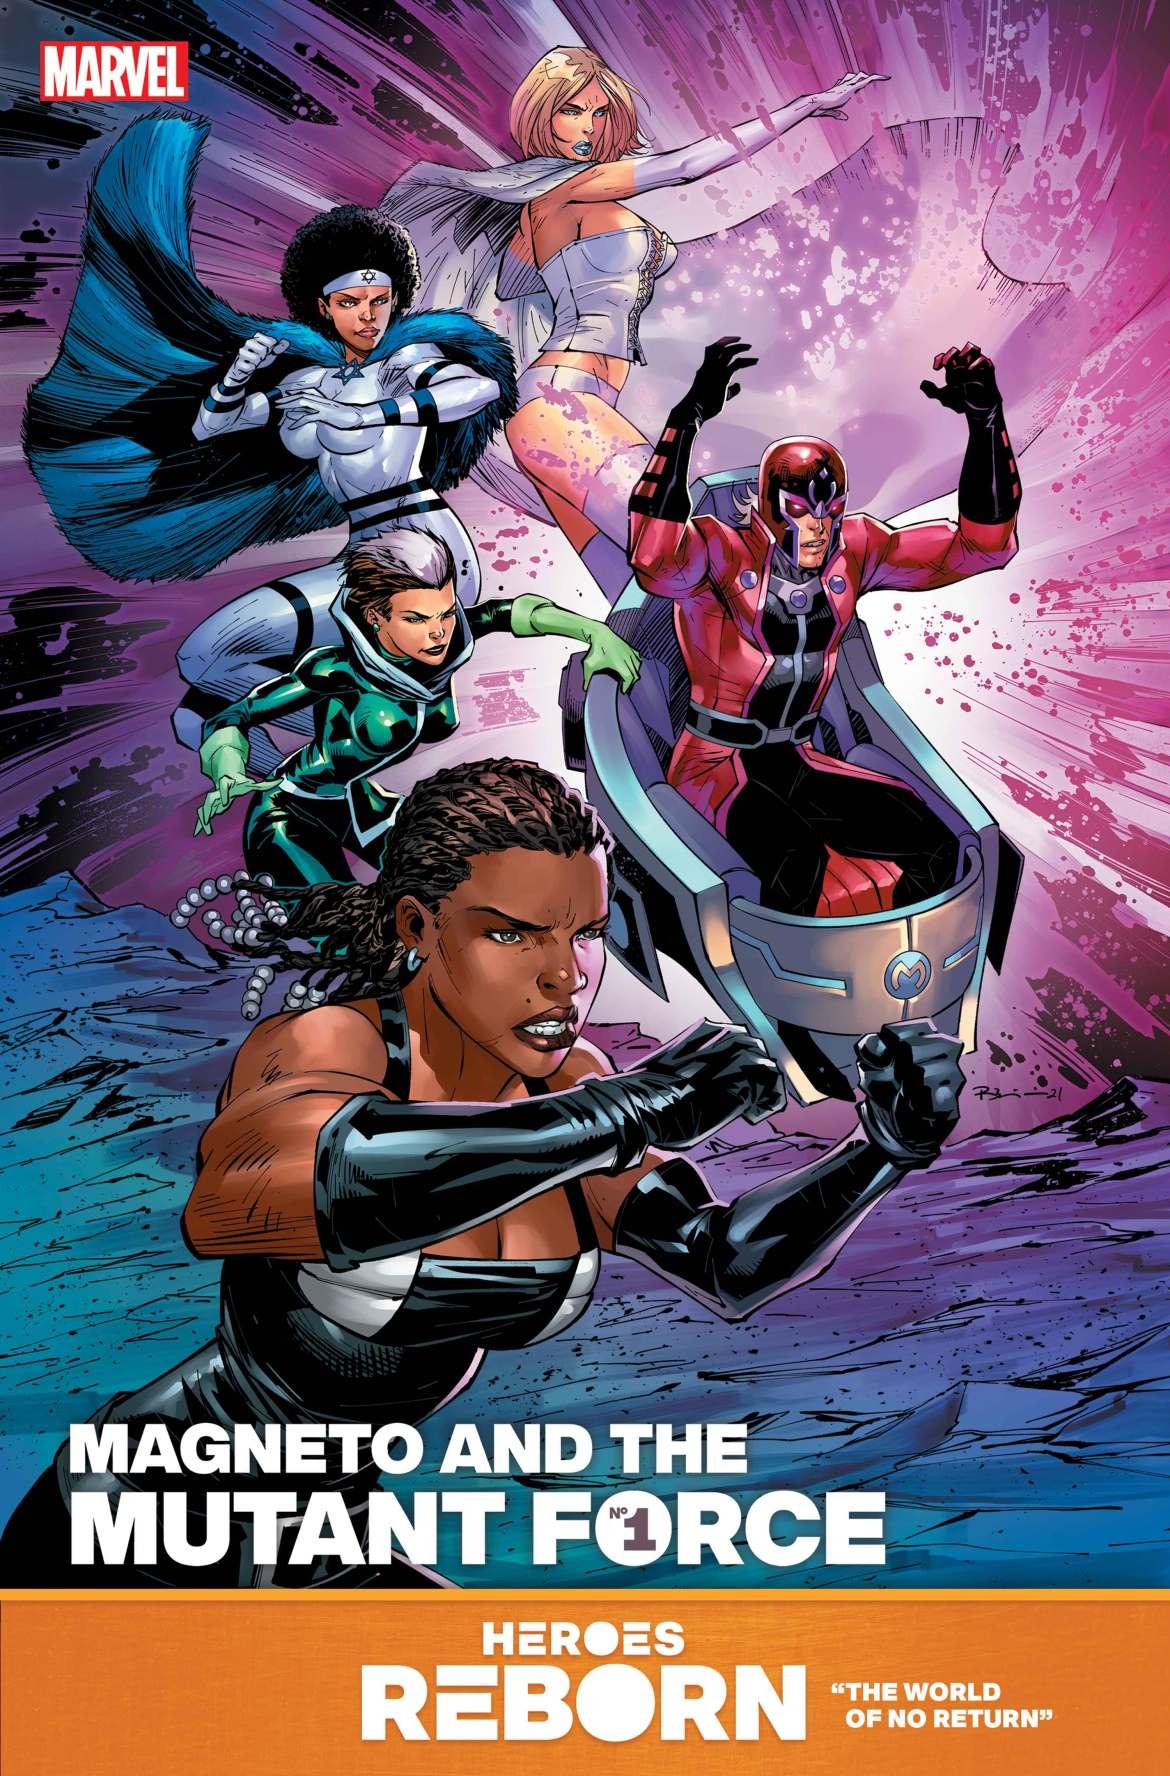 HRMAGNETOMF2021001_var Marvel Comics May 2021 Solicitations